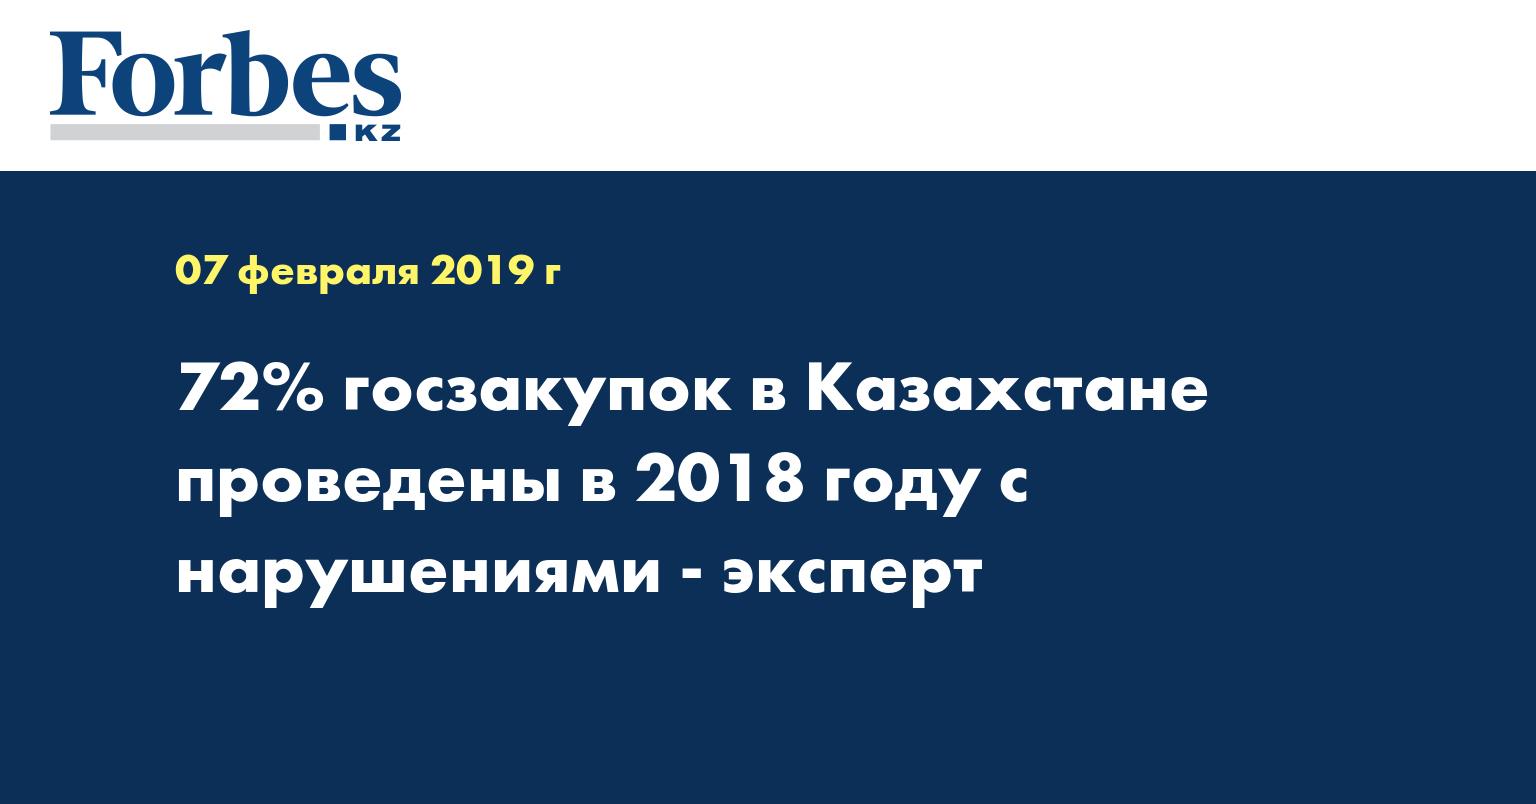 72% госзакупок в Казахстане проведены в 2018 году с нарушениями - эксперт